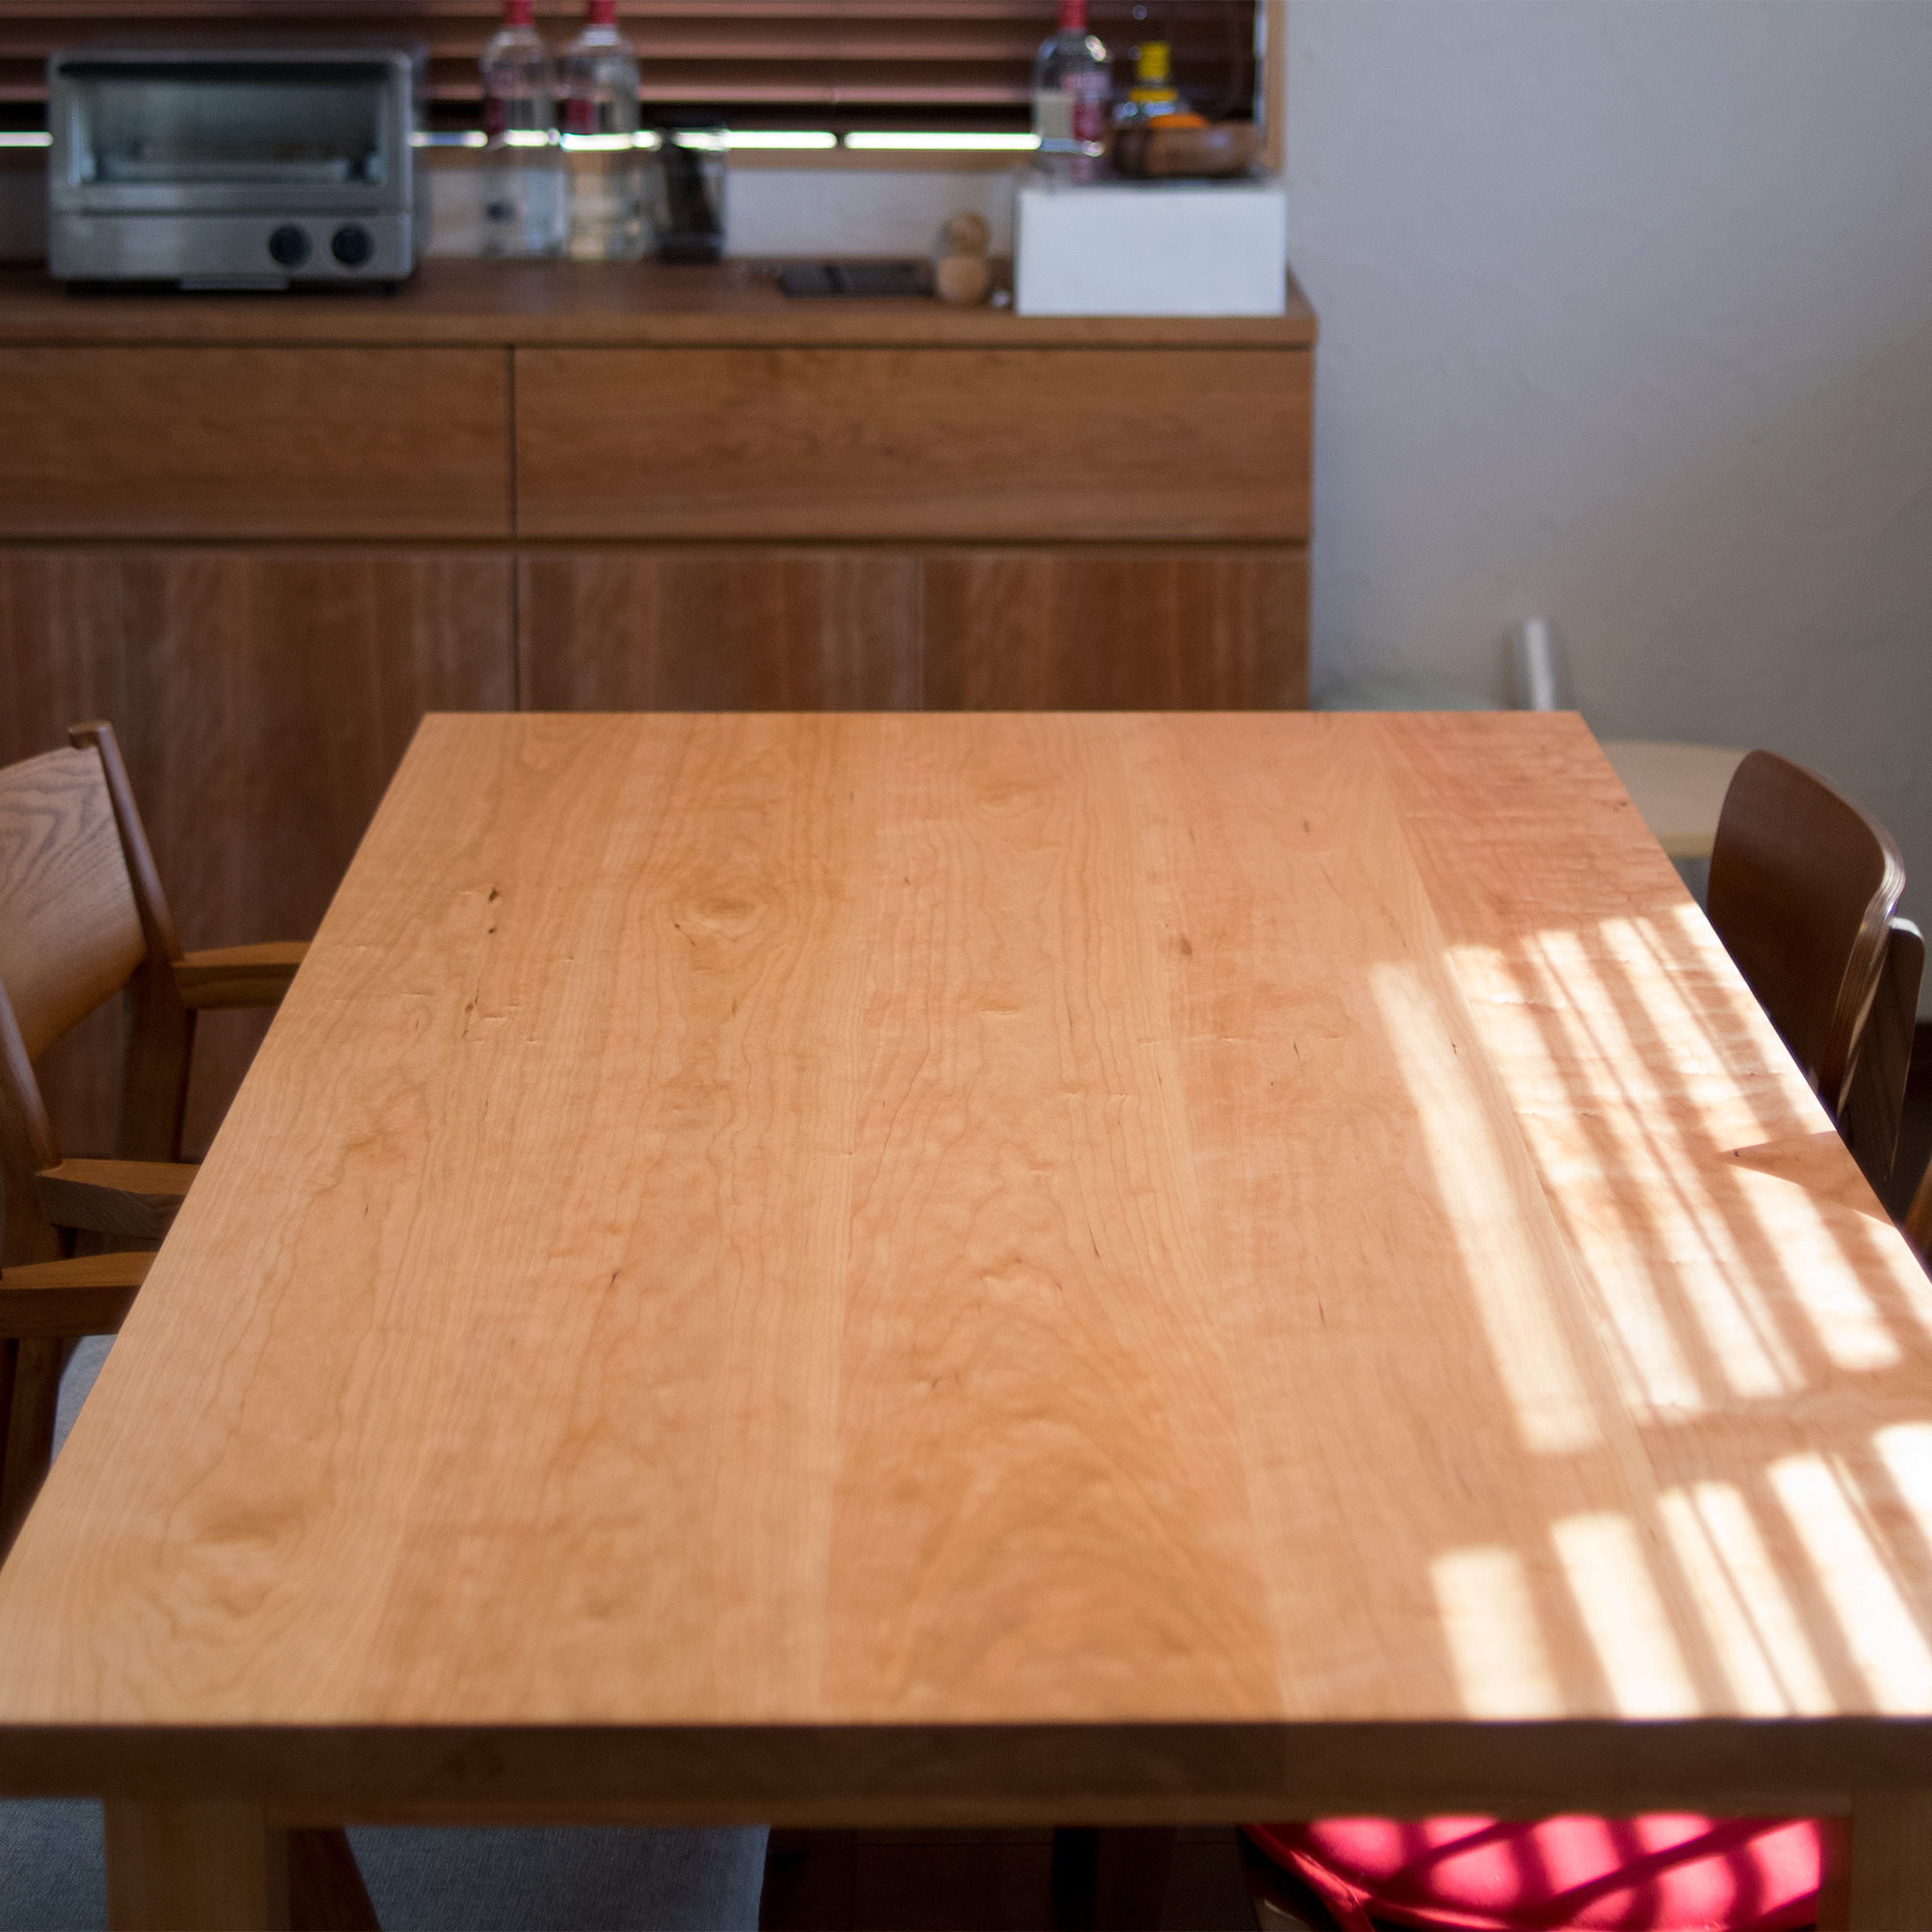 アメリカンチェリー材独特の色合いと繊細な木目が際立つ天板